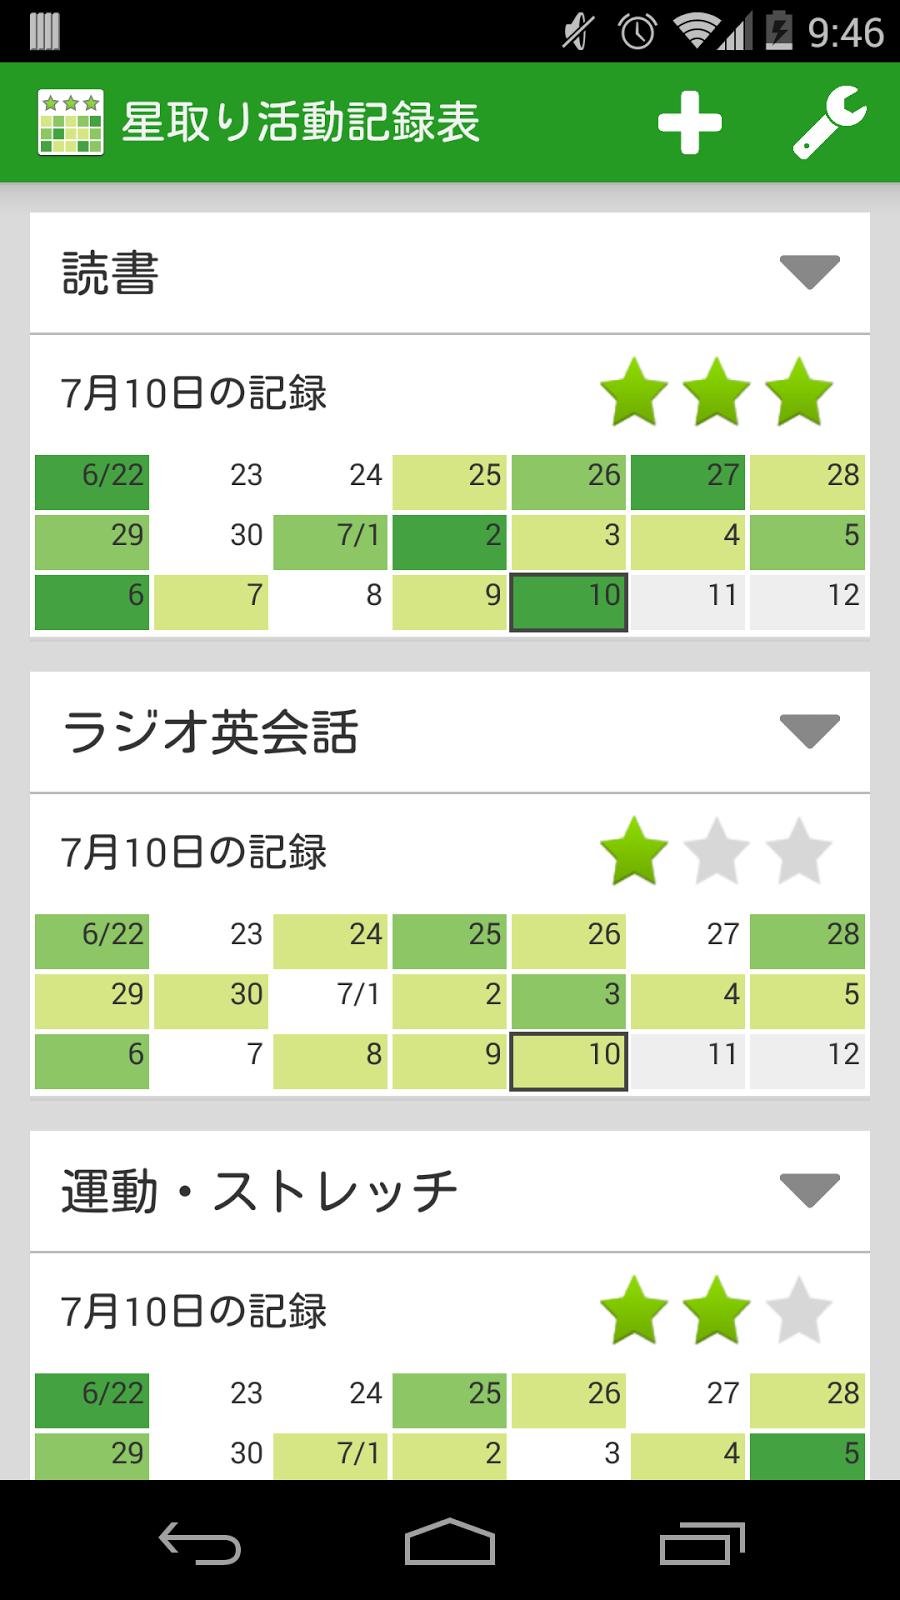 灯火: Android : 『色つき星取表』的なアプリのリリース